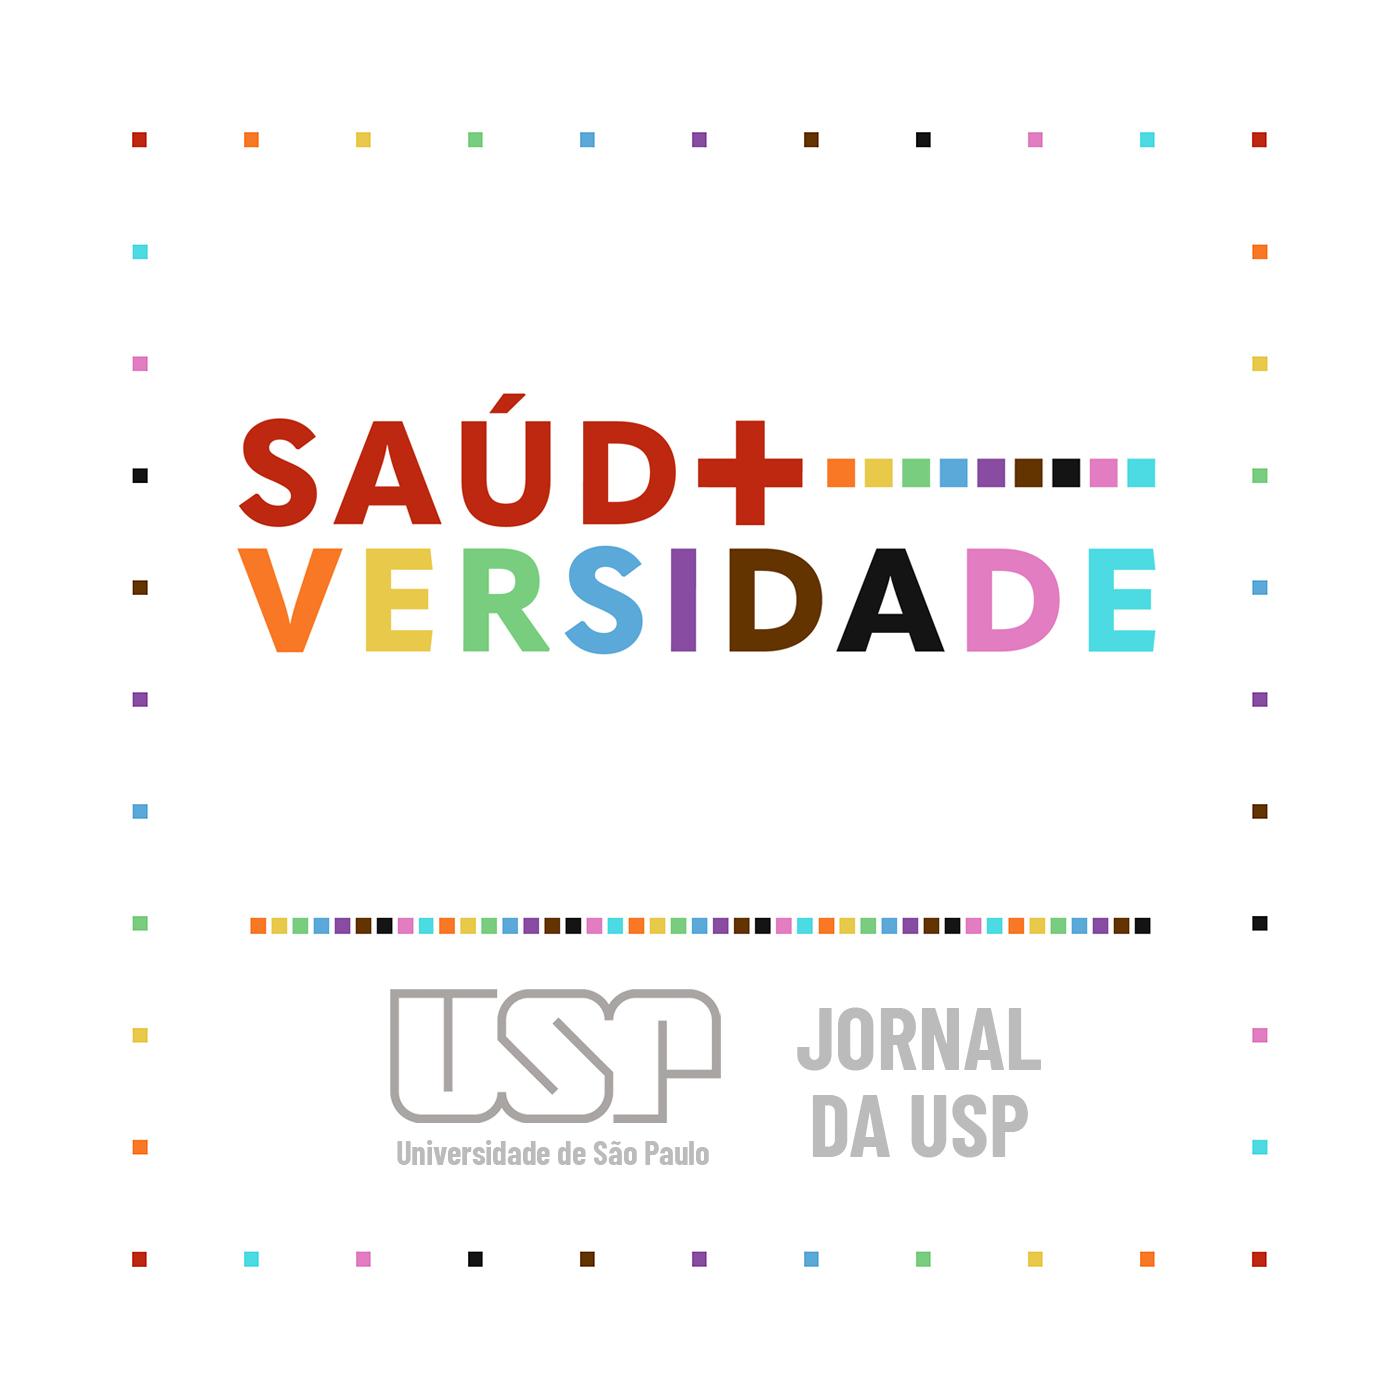 SaúDiversidade #16: O papel das eleições municipais na saúde LGBTQIA+